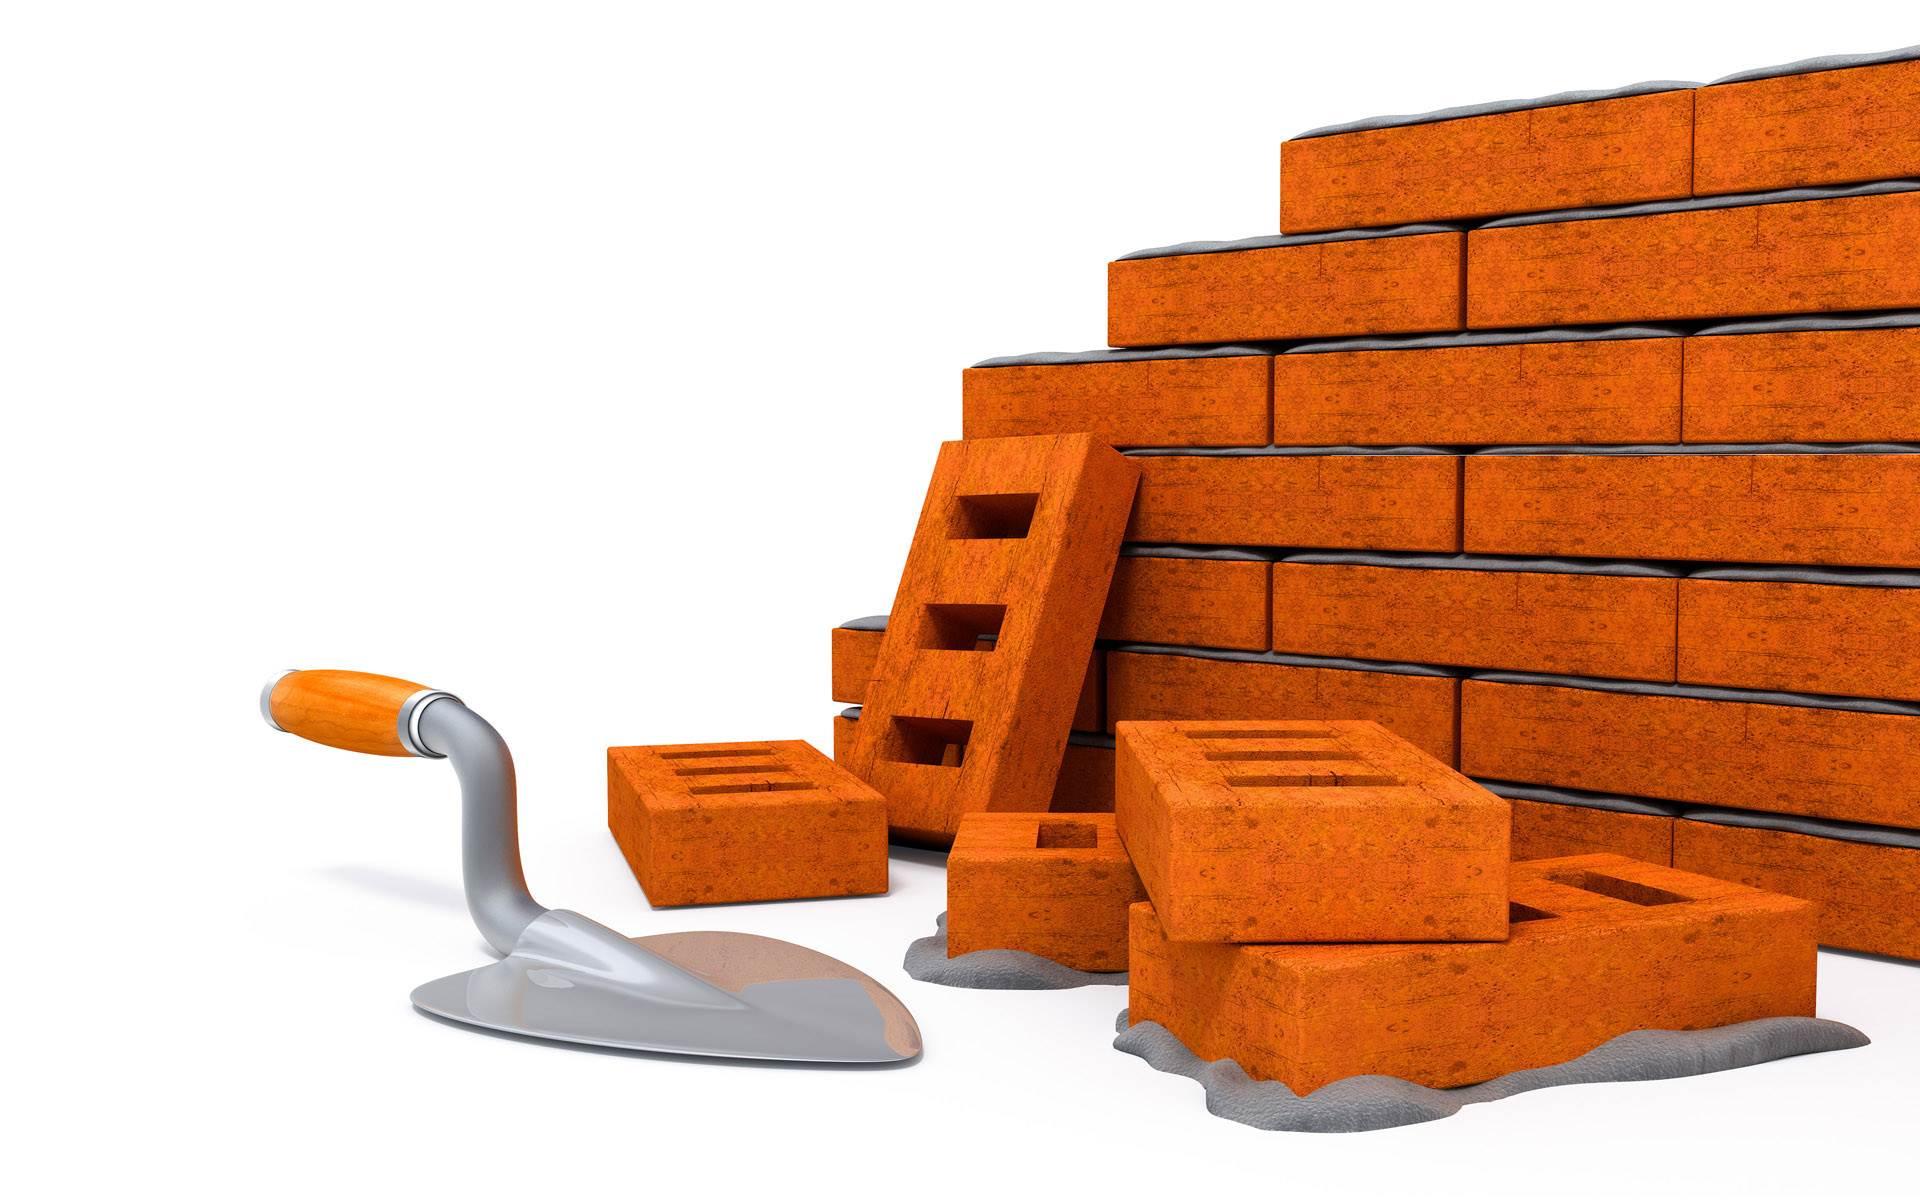 دیوار باربر انواع ساختمان از نظر سازه و باربری